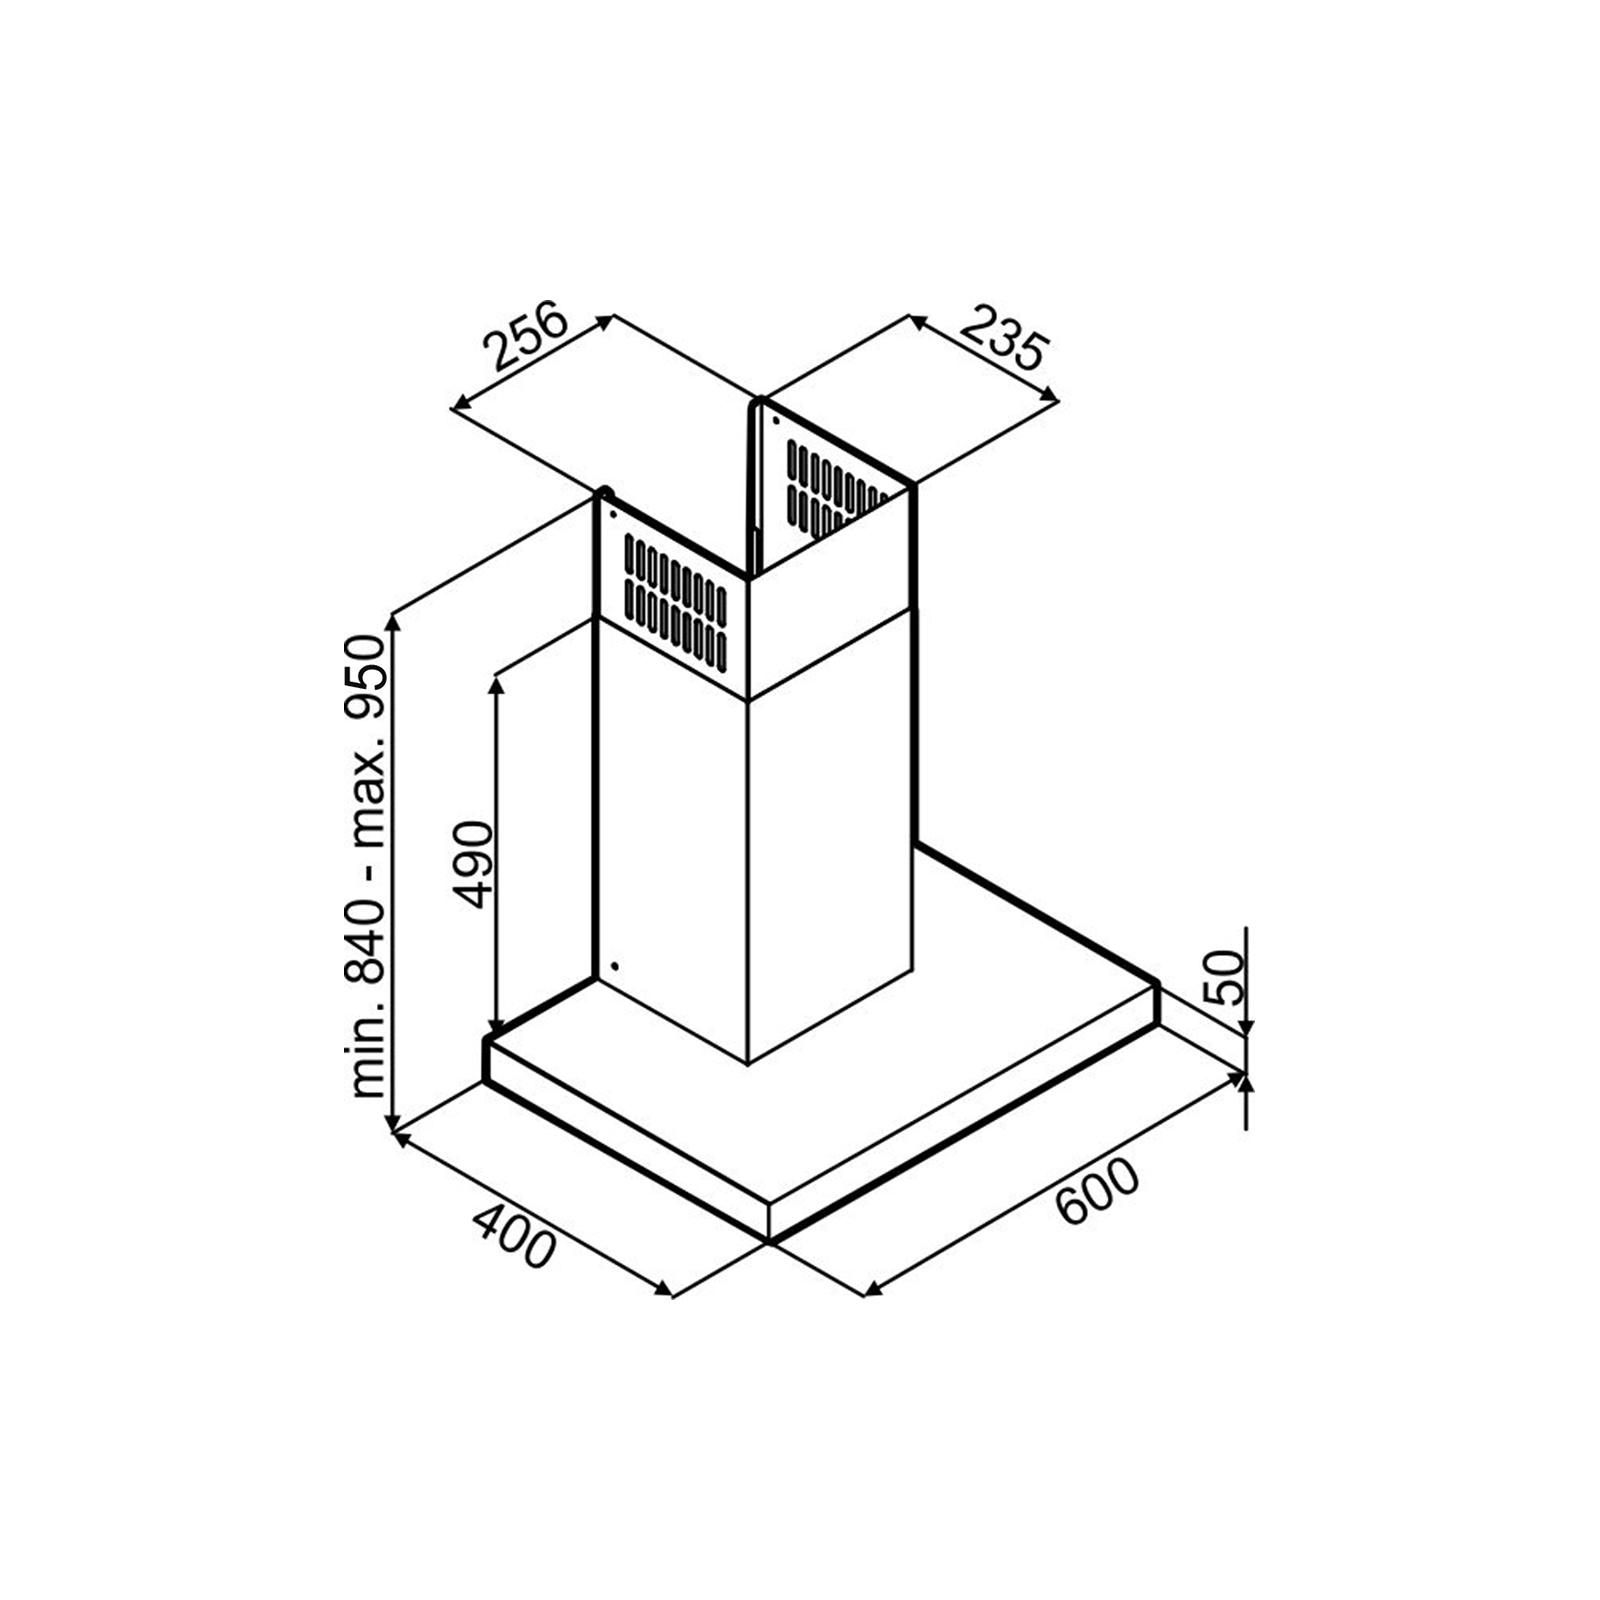 Вытяжка кухонная Perfelli T 6101 I изображение 8